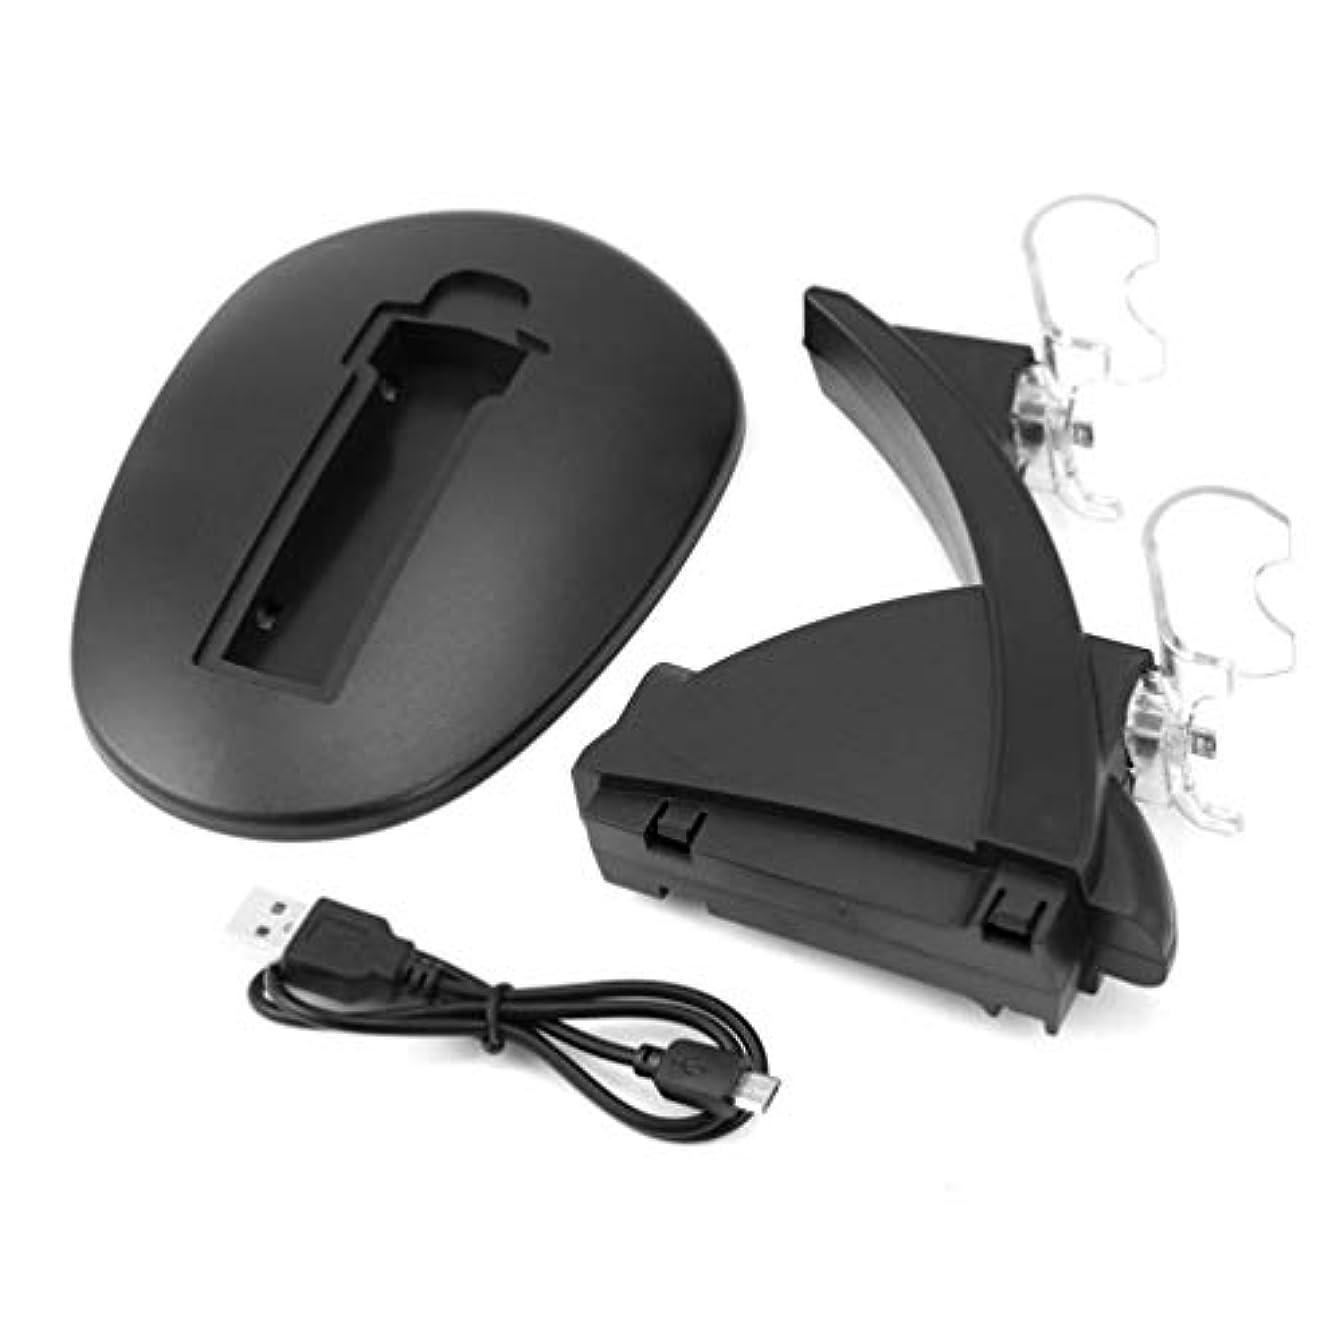 知覚的おんどり休日Dua USB充電ソケットキット充電器ドックスタンドクレードル、USBケーブル付きPS4コンソールコントローラープレイステーションゲームパッド用-ブラック